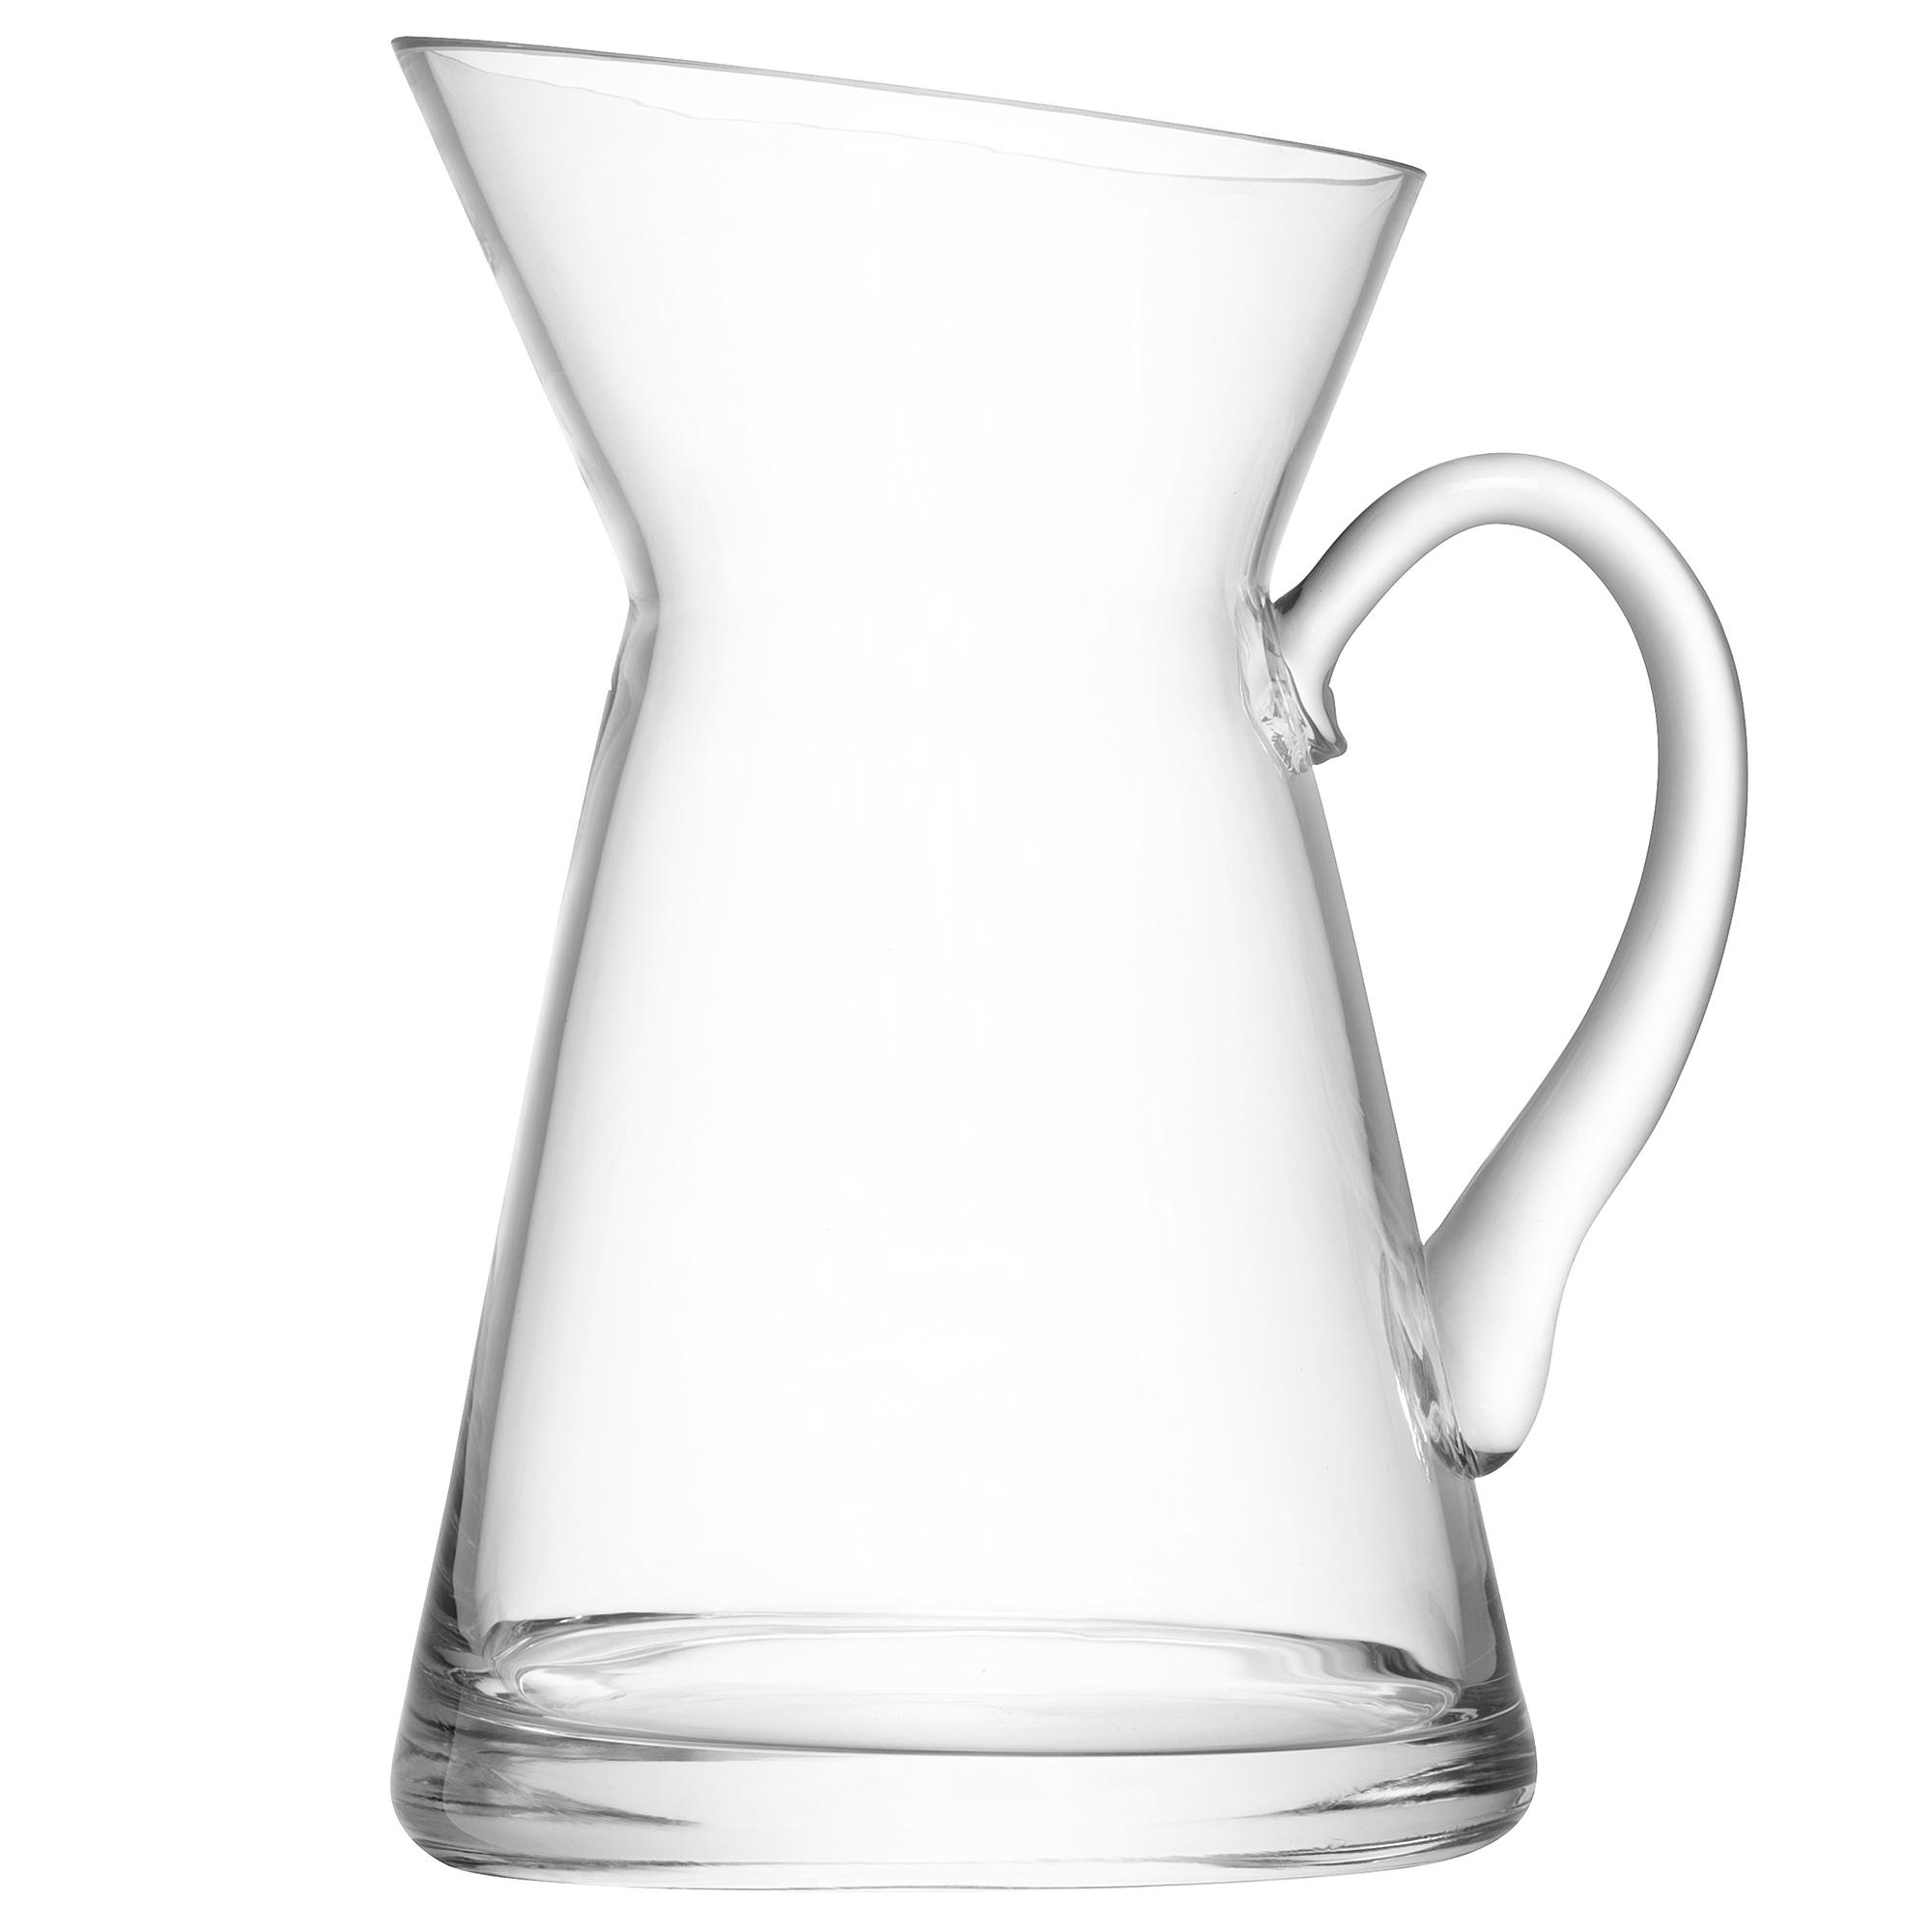 clear vintagebash laurie super vase tall rental glass cylinder